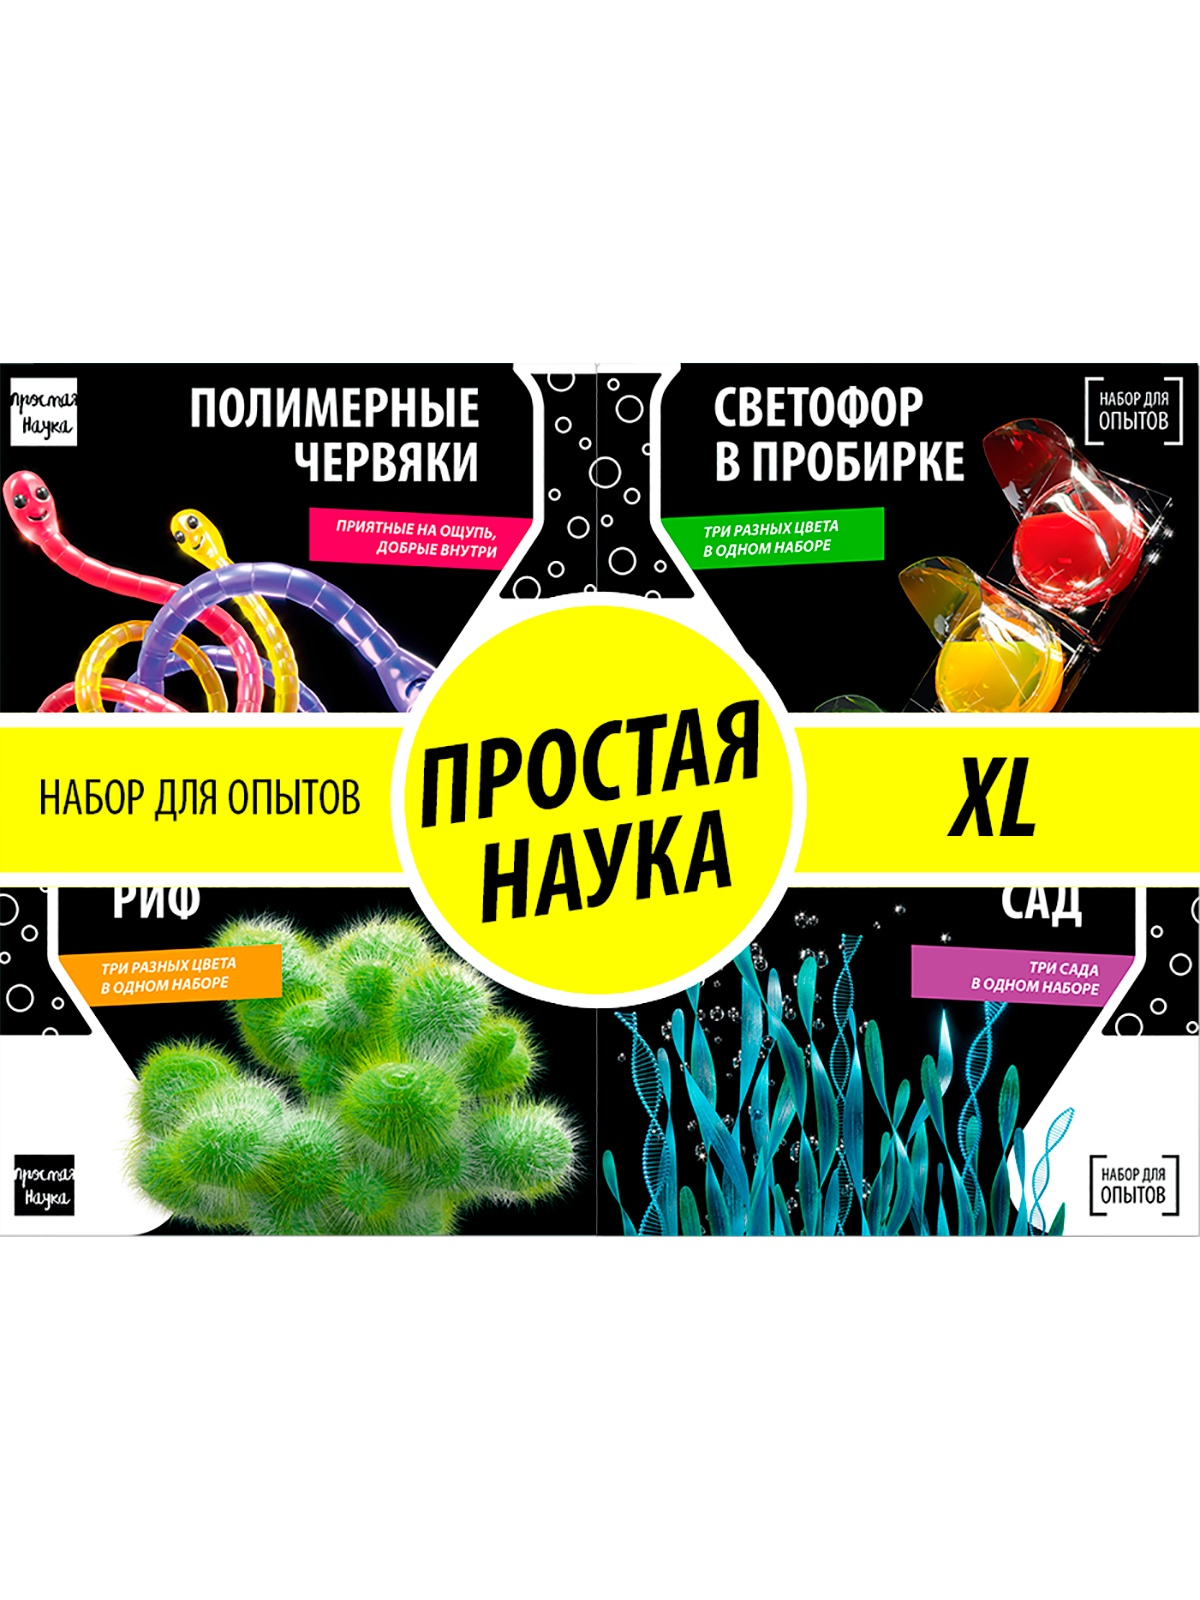 Набор для опытов Простая наука - XL цена и фото